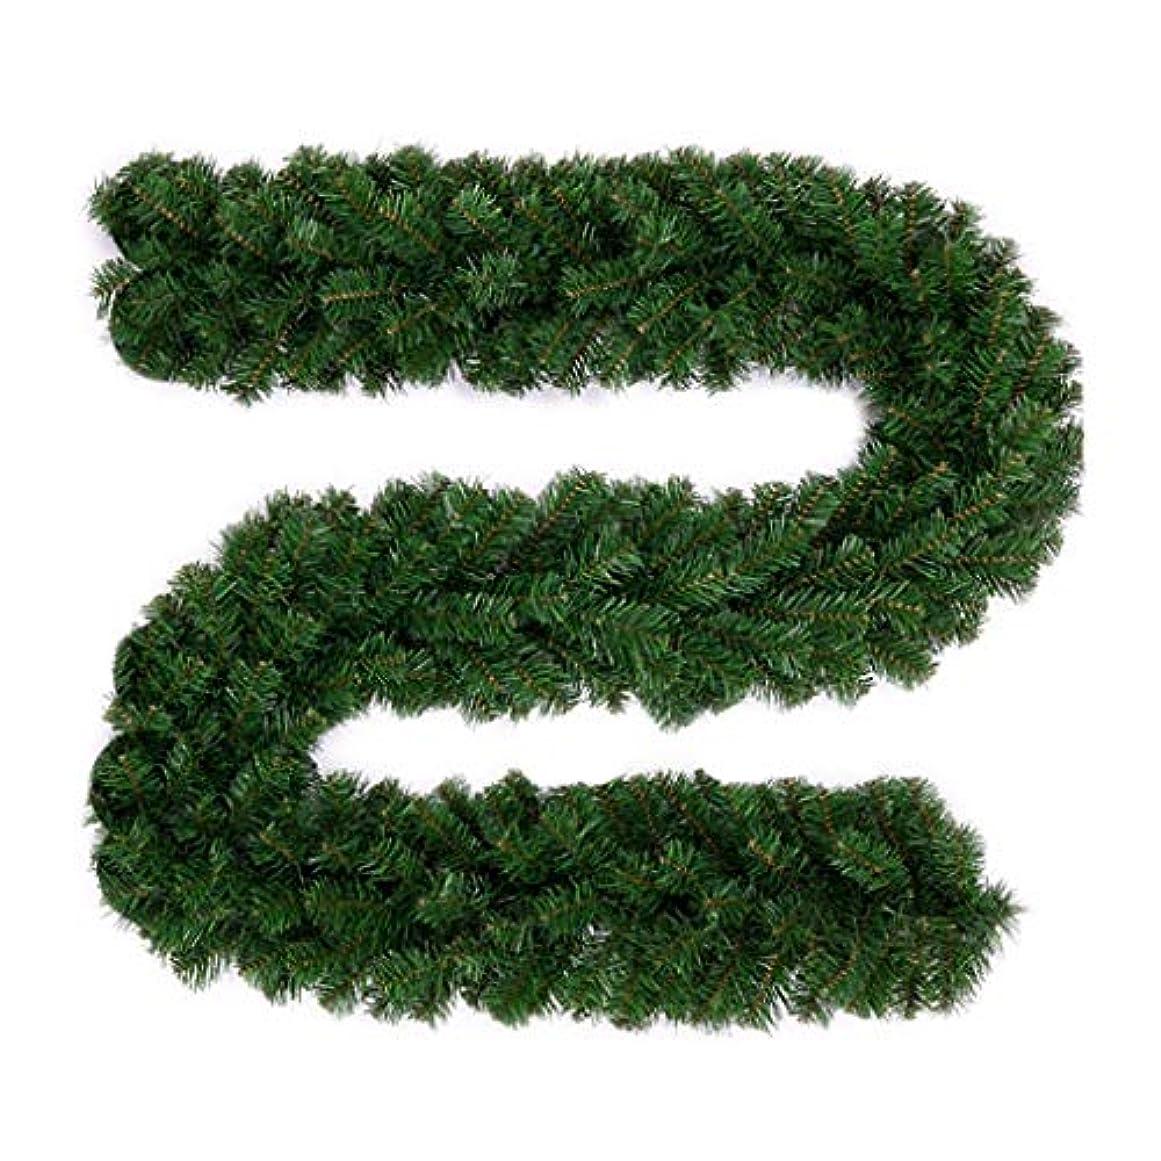 タフパーセント葉を集めるクリスマスの装飾、クリスマスの飾りラグジュアリーパッケージペンダントショッピングモールレイアウトの花輪クリスマスラタン2.7 Mの暗号化 (Color : A)